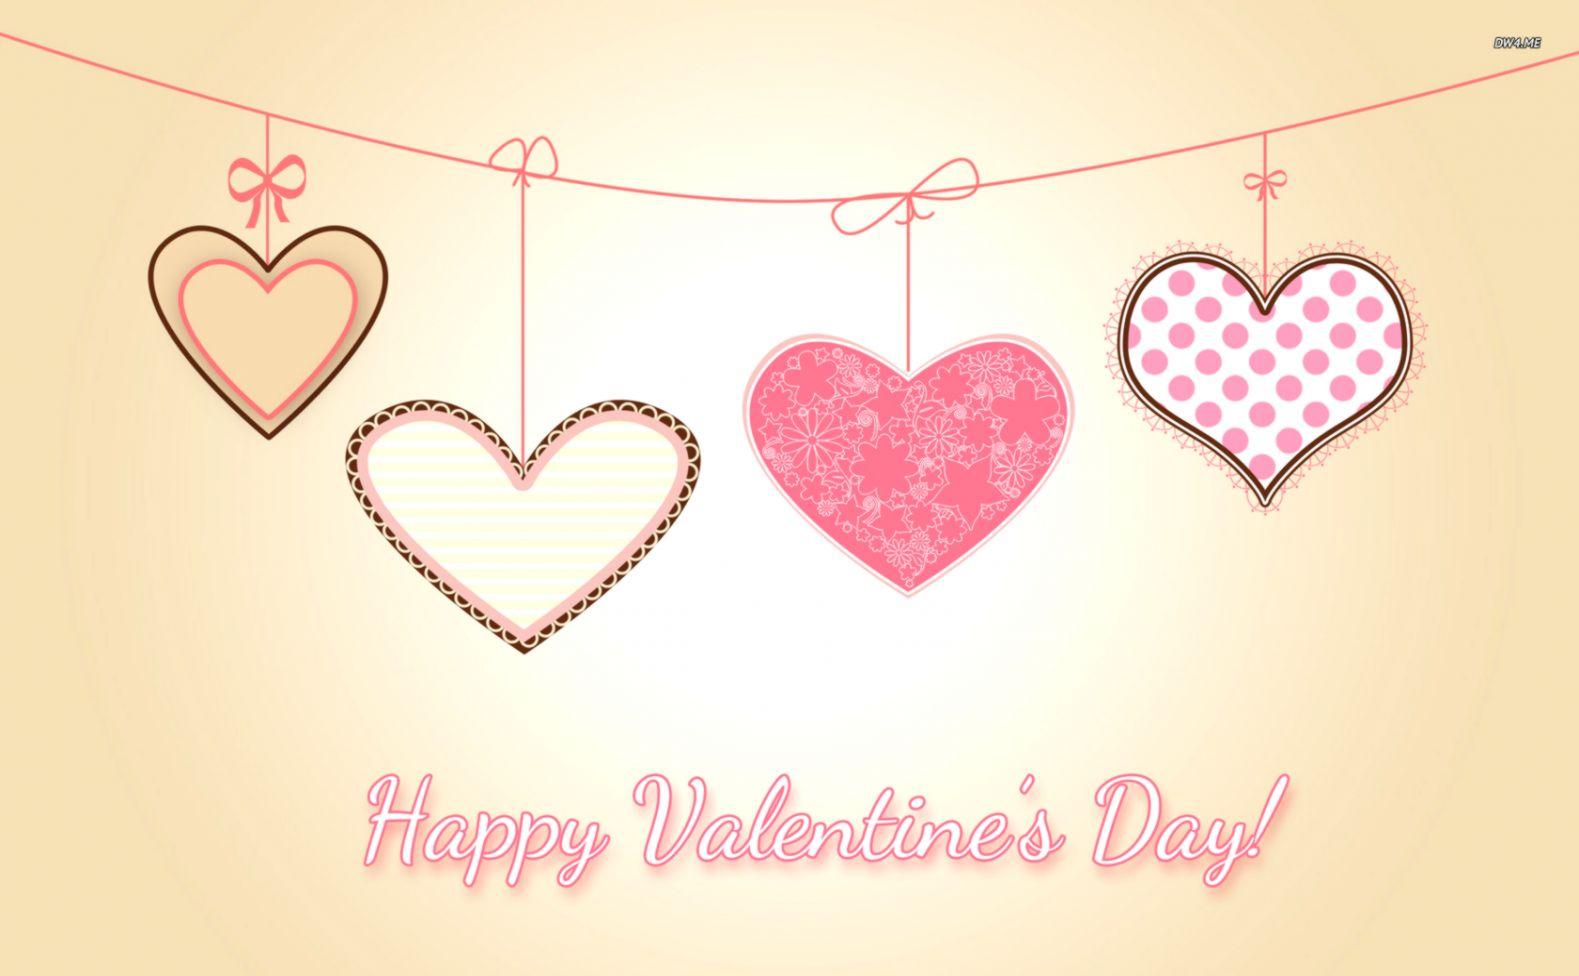 Happy Valentines Day Desktop Wallpaper Wallpapers Legend